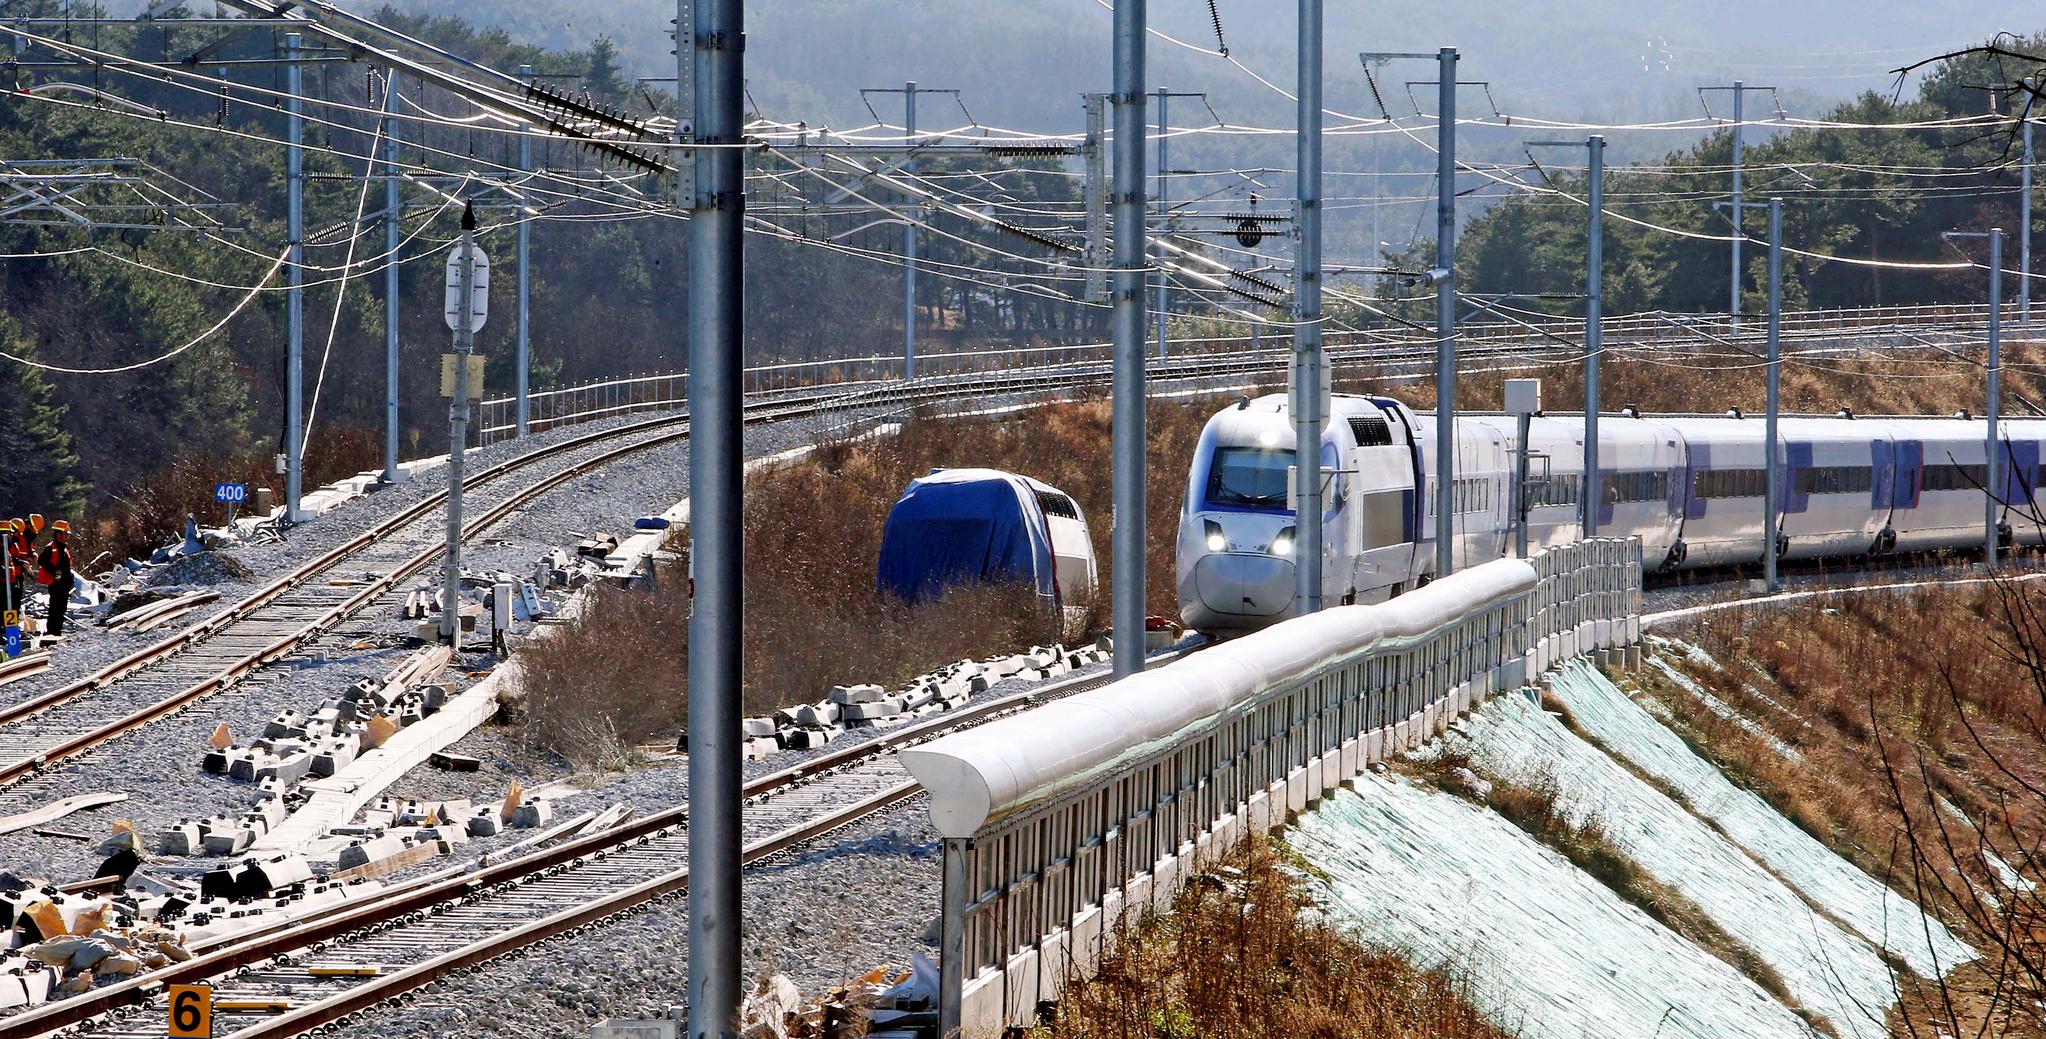 10일 운행을 재개한 강릉선 KTX 열차가 지난 8일 탈선 사고가 발생했던 강원 강릉시 운산동 현장을 지나가고 있다. 왼쪽으로 탈선 열차의 기관차가 보인다. [연합뉴스]